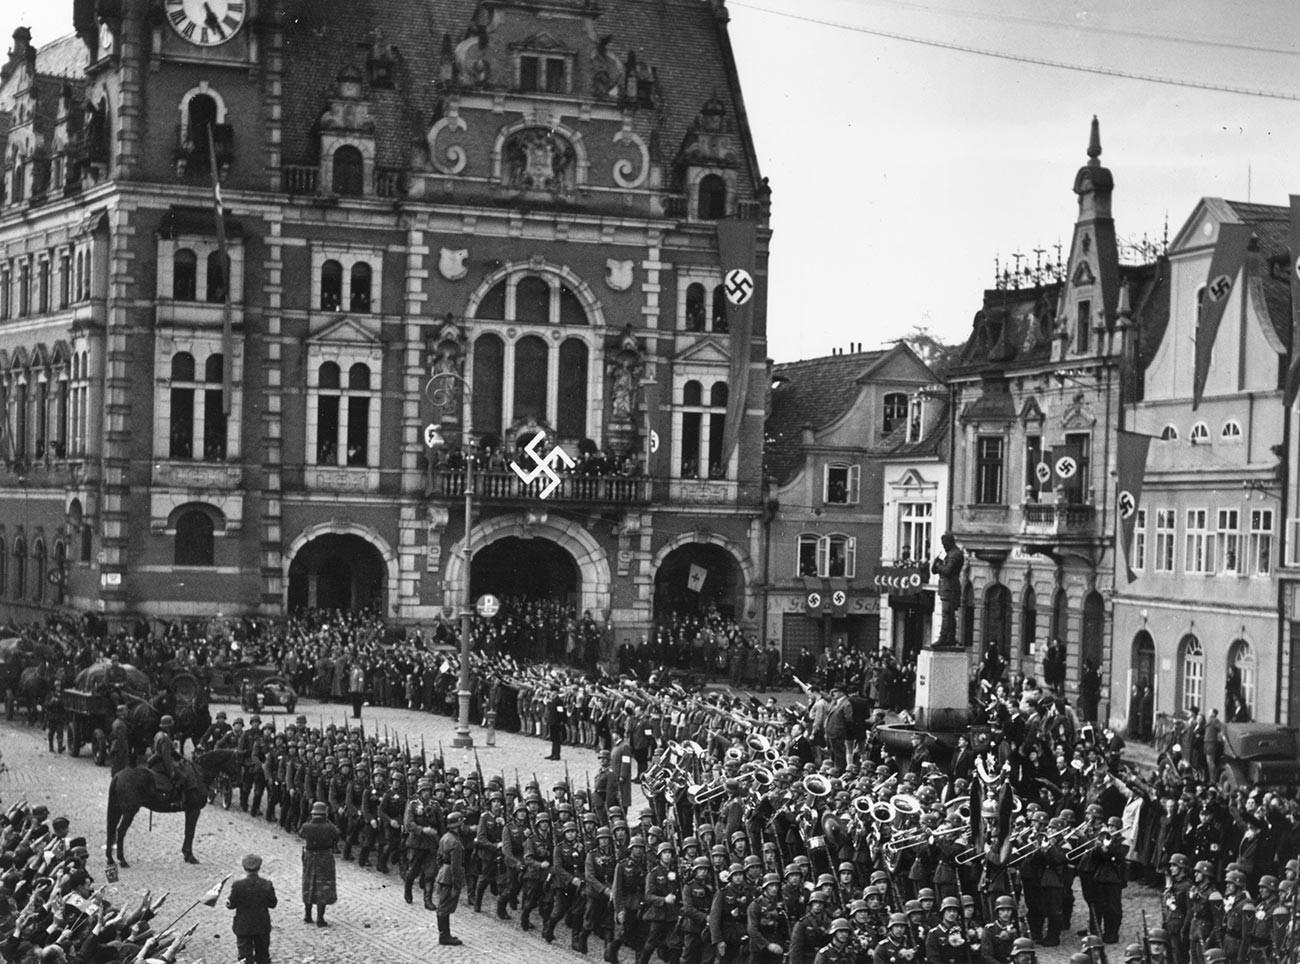 Truppen der deutschen Armee marschieren in das tschechoslowakische Gebiet ein und stellen sich auf dem mit Hakenkreuzbannern geschmückten Stadtplatz in Rumburk zum Appell auf.